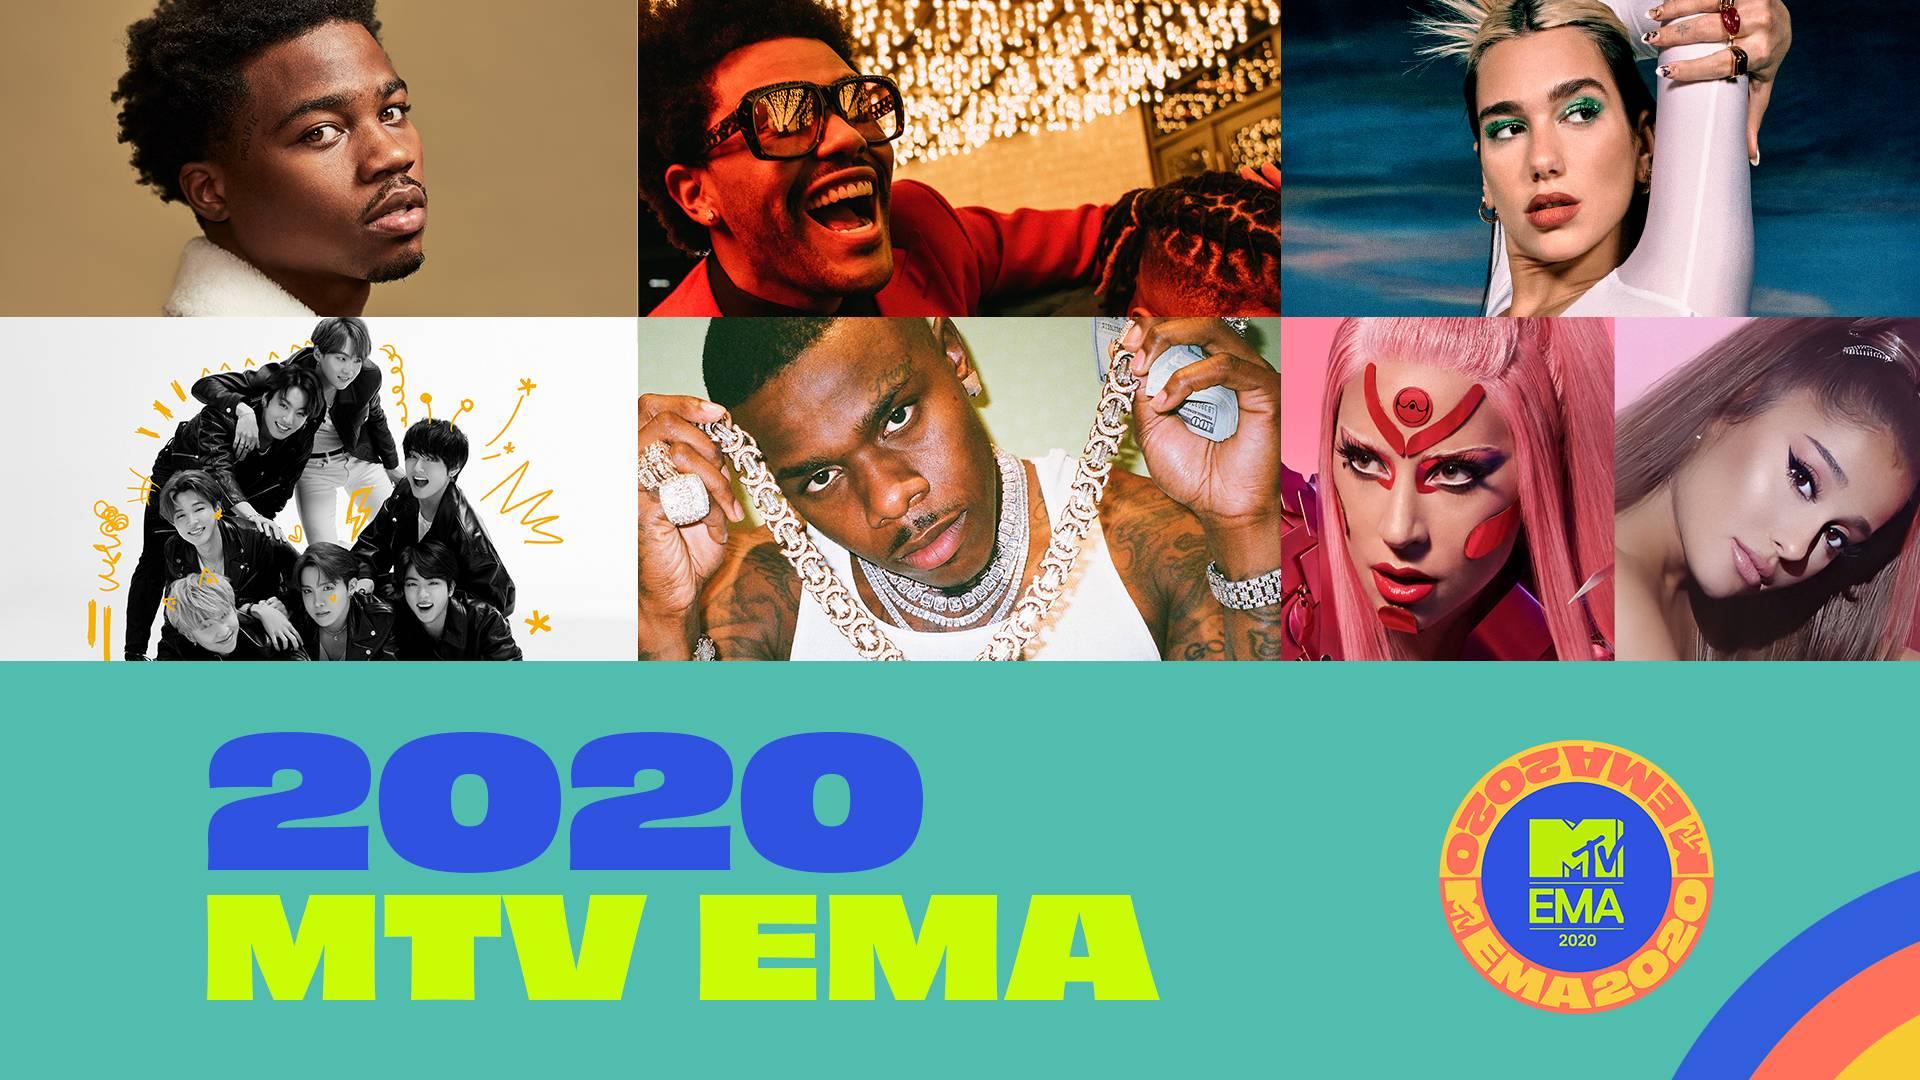 mtv ema 2020 noms - MTV EMA 2020: ПОБЕДИТЕЛИ